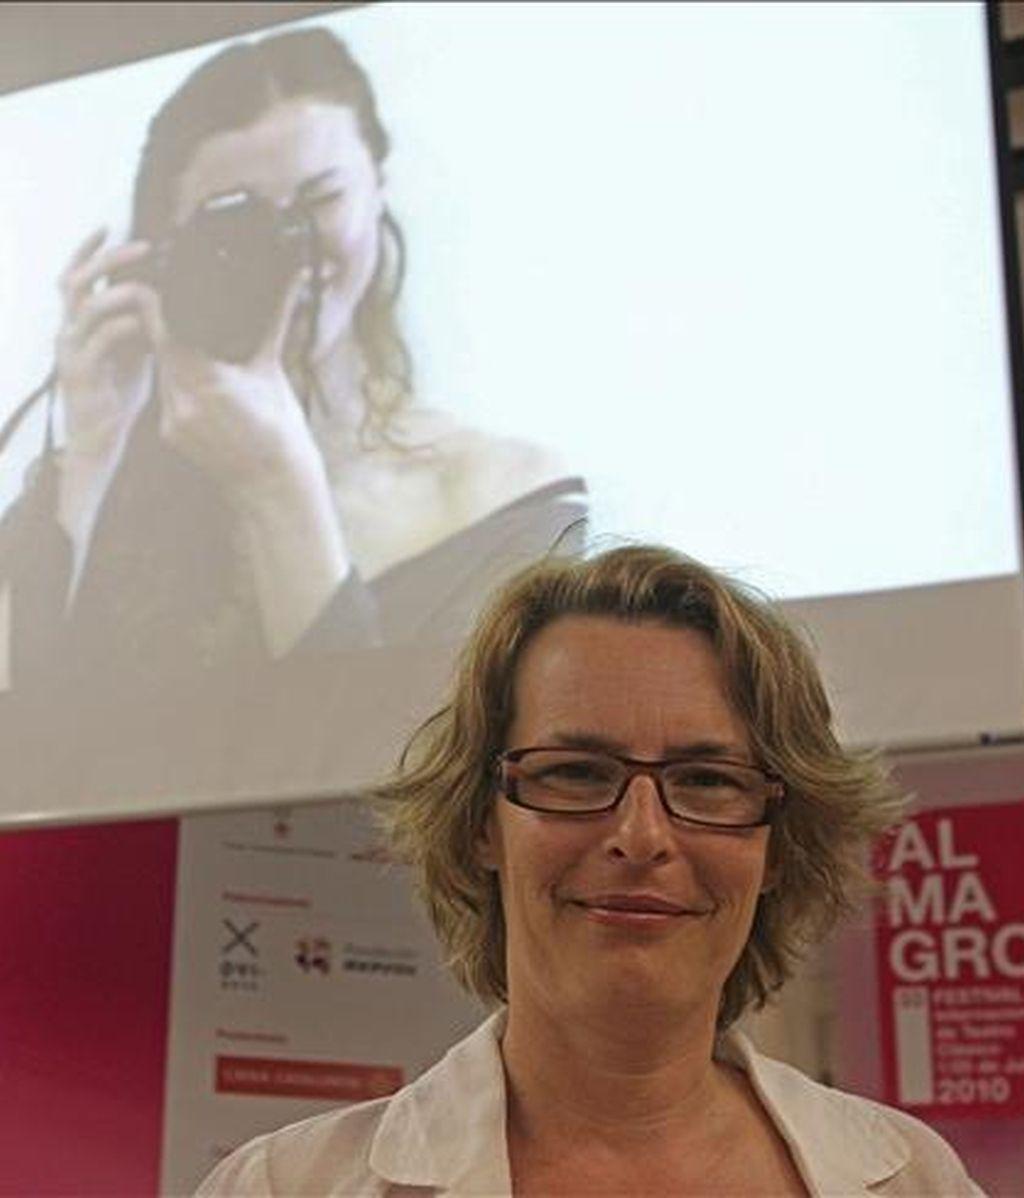 La directora del Festival Internacional de Teatro Clásico de Almagro, Natalia Menéndez. EFE/Archivo